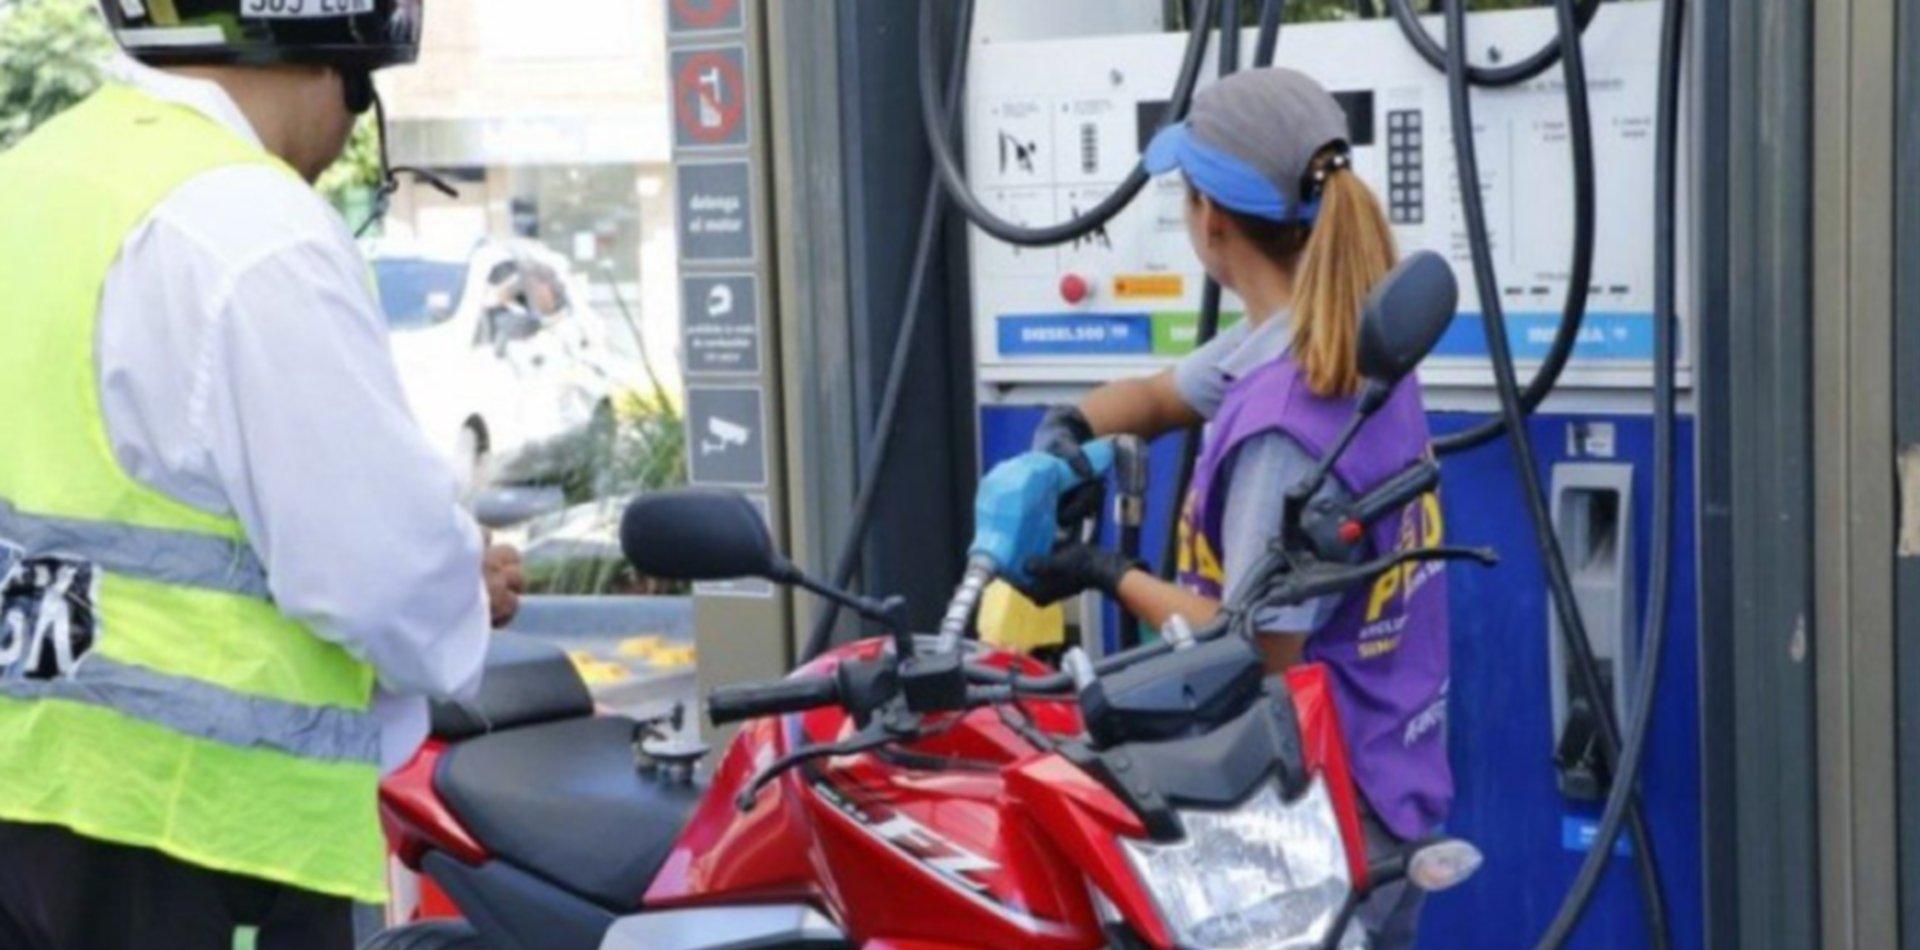 Las motos no podrán cargar nafta en La Plata sin una oblea de seguridad